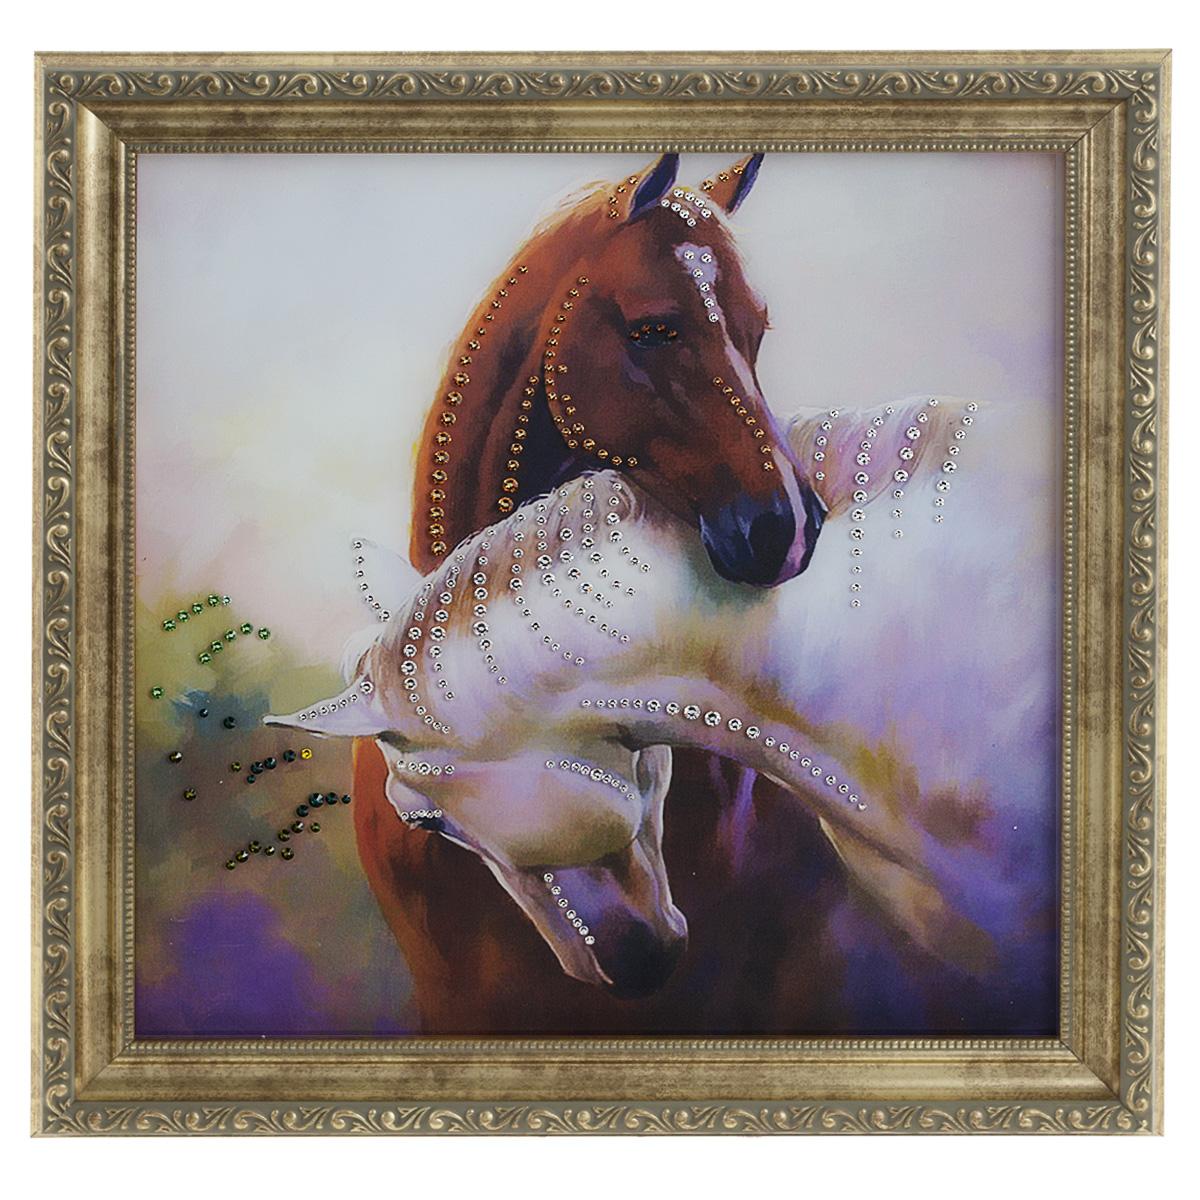 Картина с кристаллами Swarovski Просто любовь, 35 см х 35 см1381Изящная картина в багетной раме, инкрустирована кристаллами Swarovski, которые отличаются четкой и ровной огранкой, ярким блеском и чистотой цвета. Красочное изображение двух лошадей, расположенное под стеклом, прекрасно дополняет блеск кристаллов. С обратной стороны имеется металлическая проволока для размещения картины на стене. Картина с кристаллами Swarovski Просто любовь элегантно украсит интерьер дома или офиса, а также станет прекрасным подарком, который обязательно понравится получателю. Блеск кристаллов в интерьере, что может быть сказочнее и удивительнее. Картина упакована в подарочную картонную коробку синего цвета и комплектуется сертификатом соответствия Swarovski.